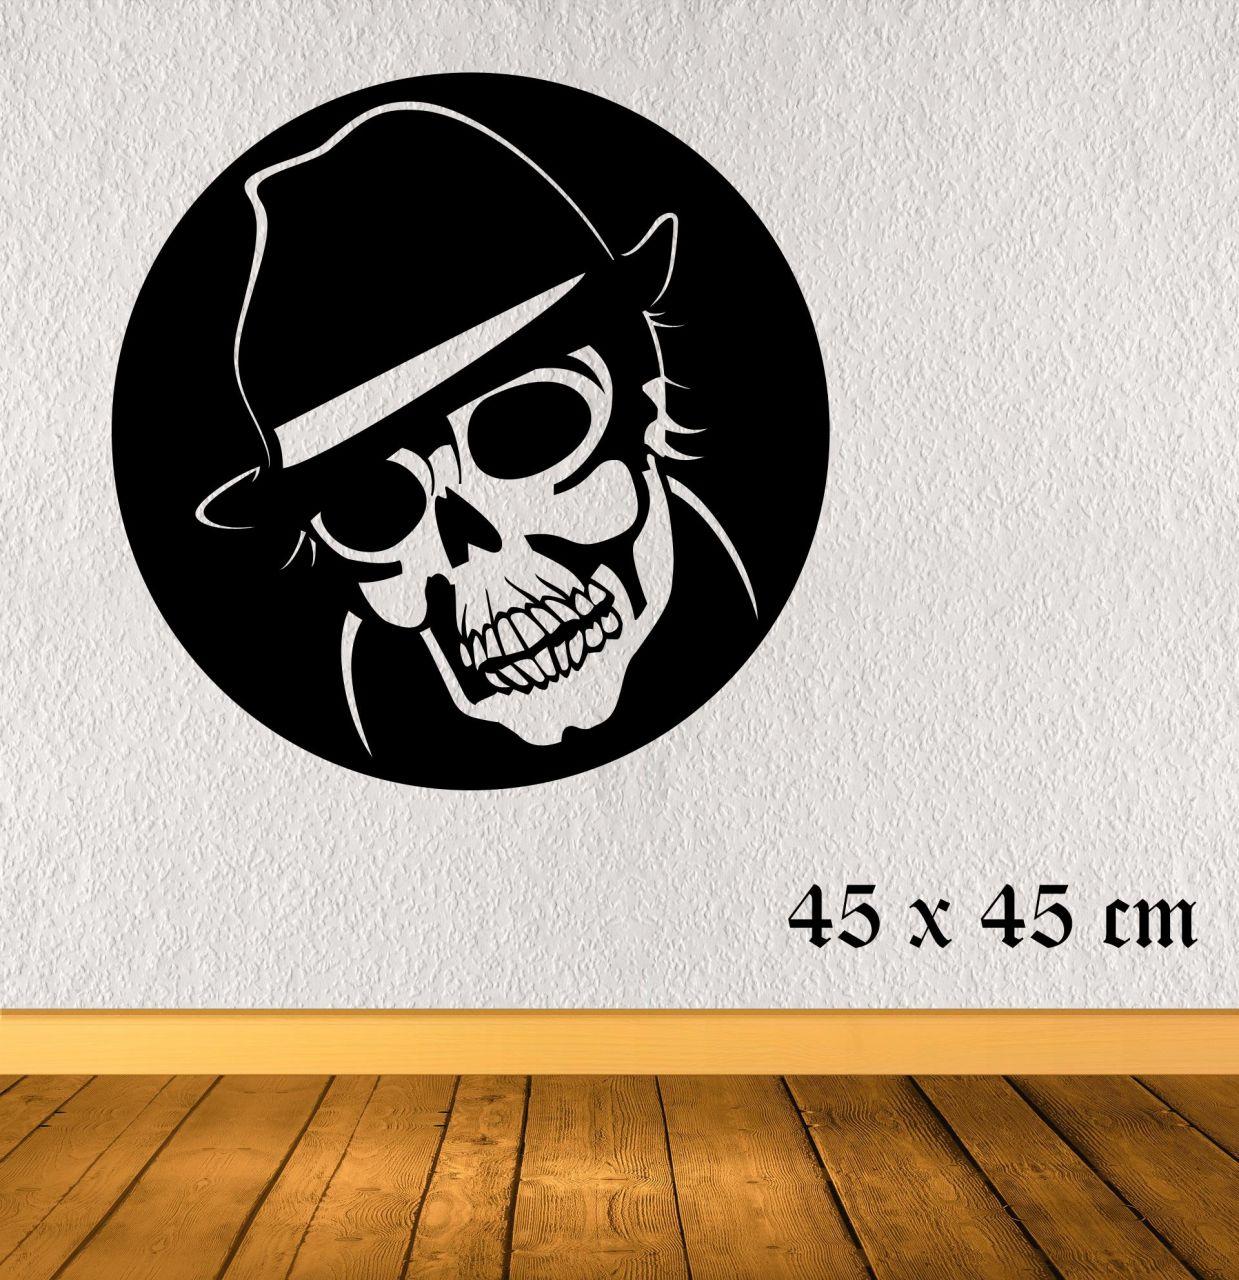 Agent Skull links